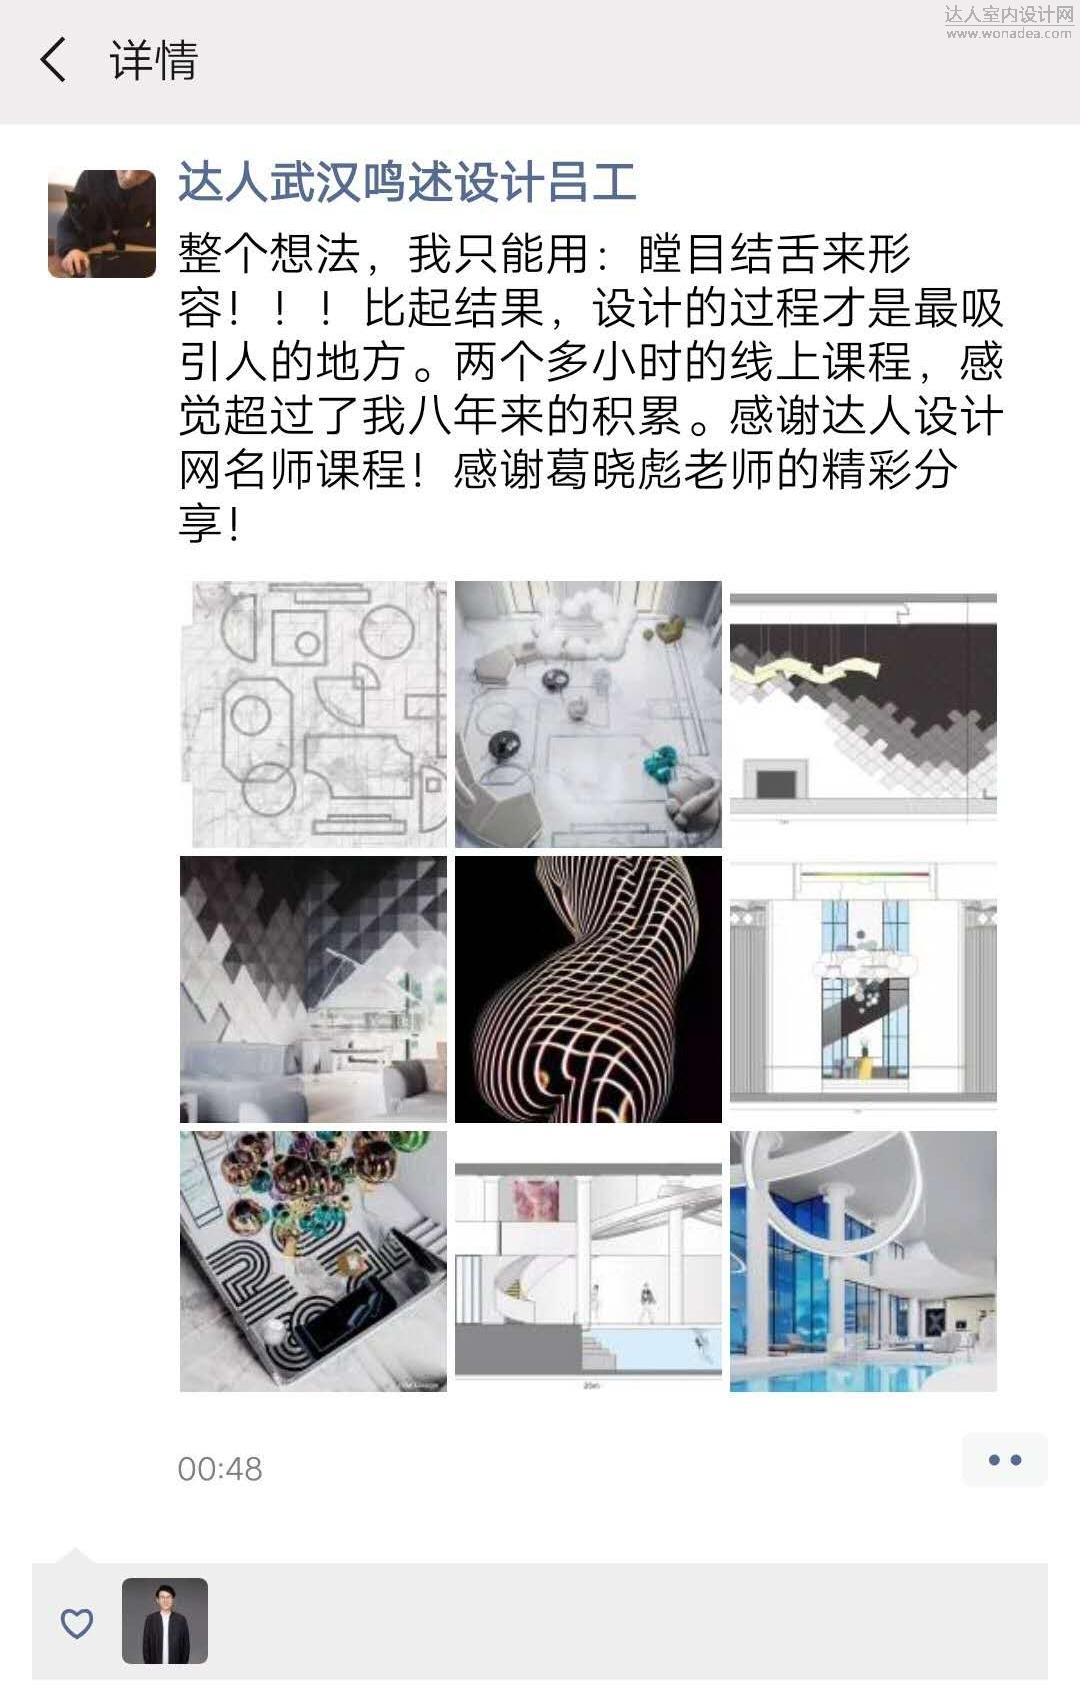 微信图片_20190528220305.jpg